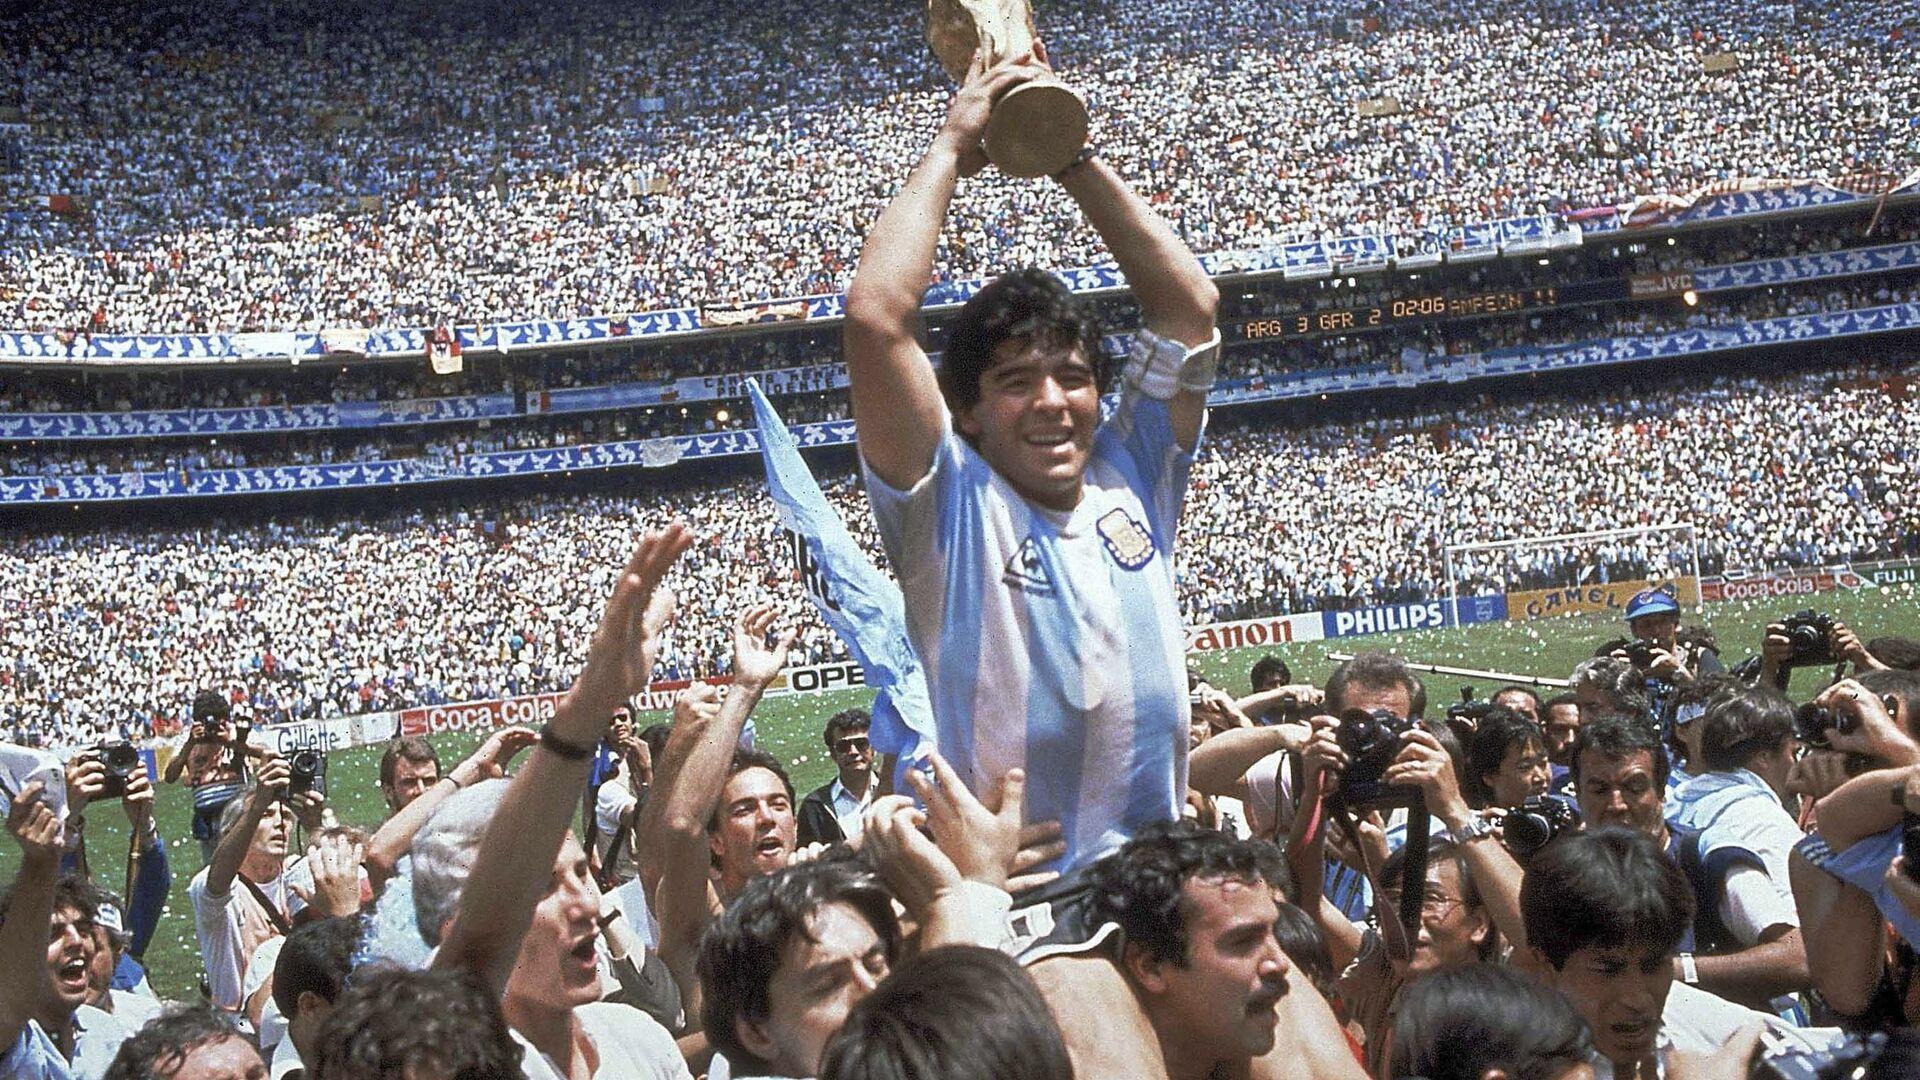 Диего Марадона после победы сборной Аргентины в финальном матче со сборной Германии в рамках ЧМ1986 в Мексике - Sputnik Italia, 1920, 17.06.2021